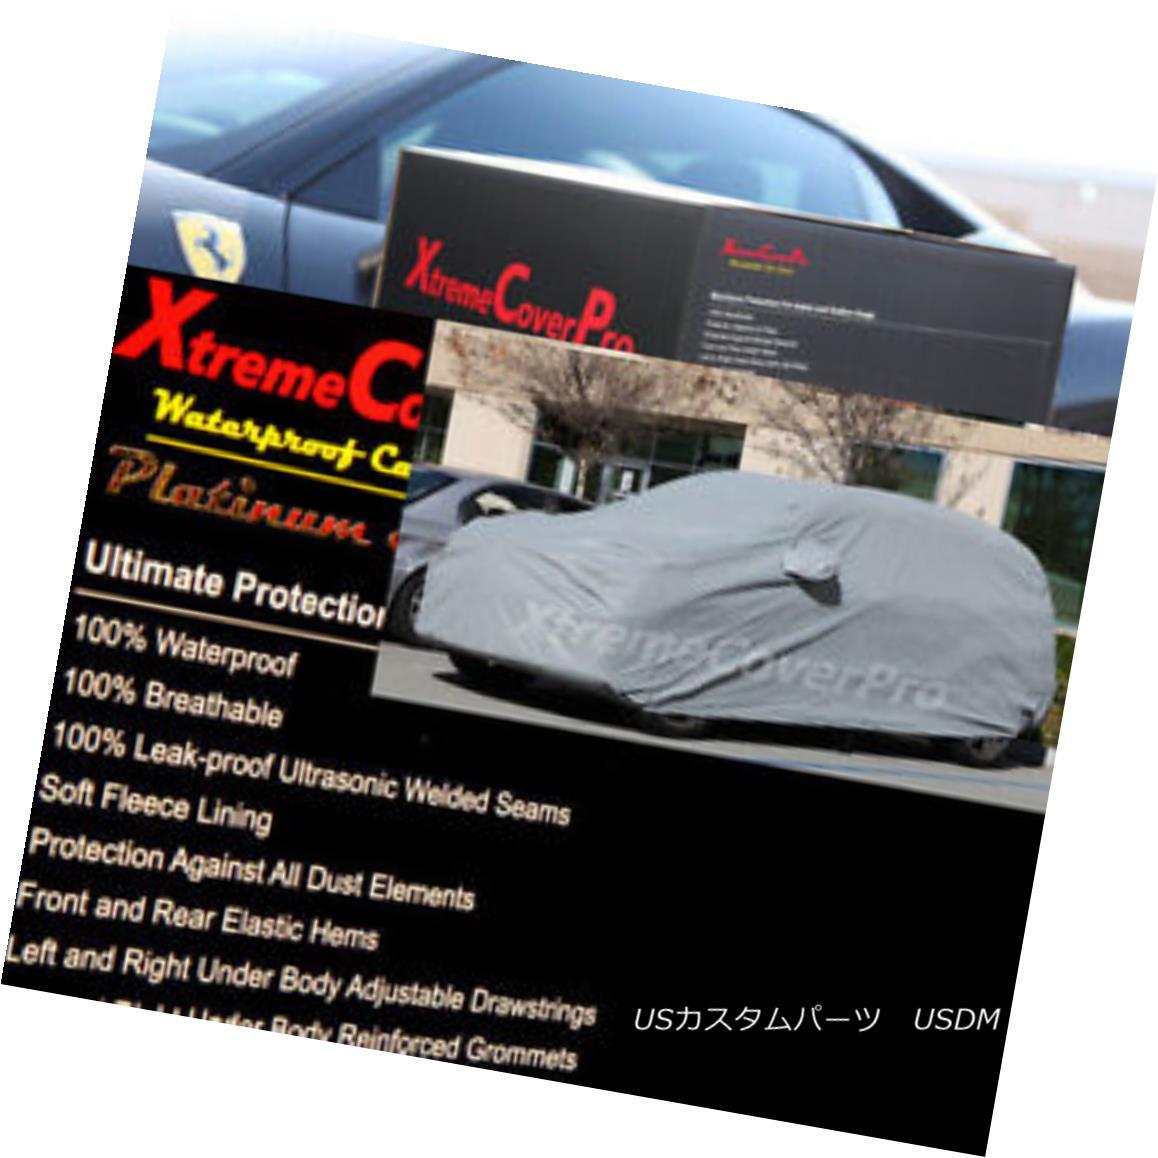 カーカバー 2015 LAND ROVER RANGE ROVER REGULAR Waterproof Car Cover w/Mirror Pockets - Gray 2015 LAND ROVER RANGE ROVERレギュラー防水カーカバー付き/ミラーポケット - グレー